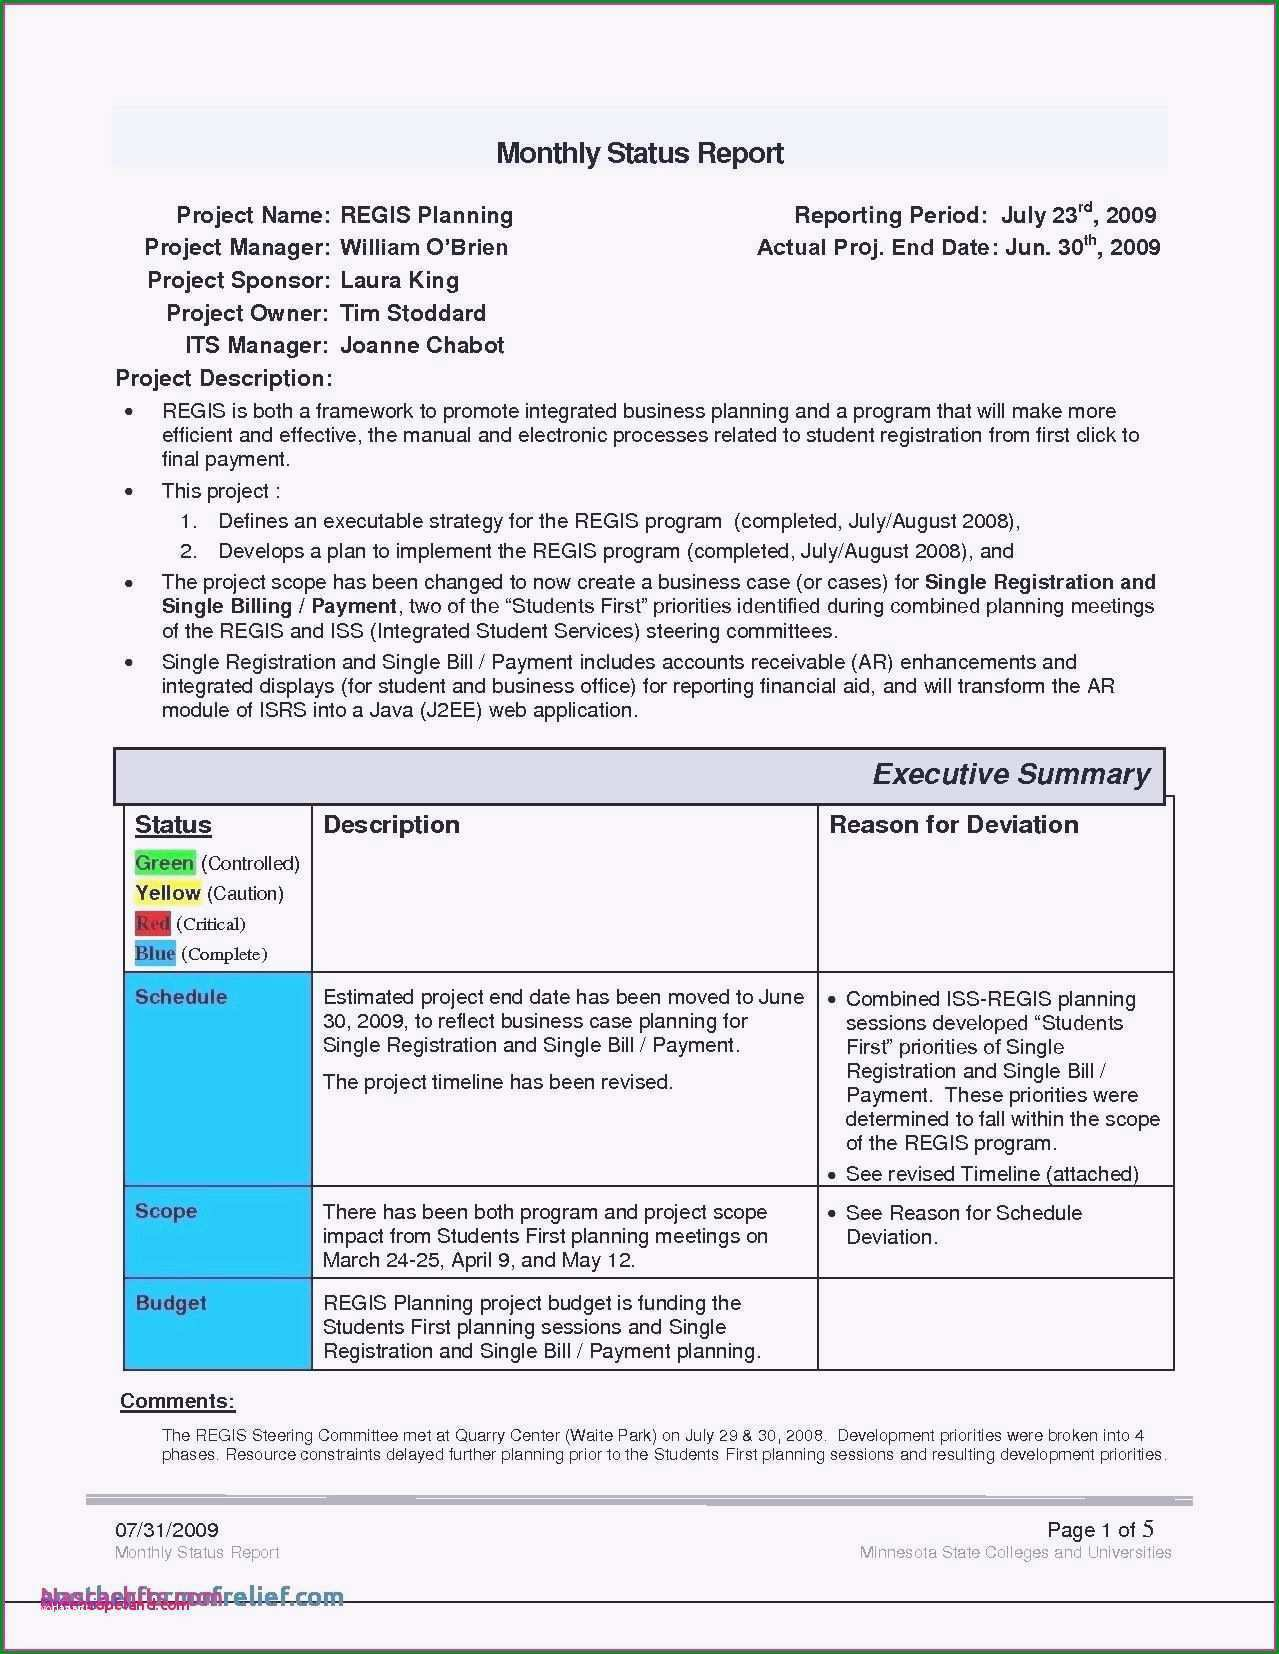 schriftliche vereinbarung arbeitszeitkonto vorlage neues eheurkunde muster 3